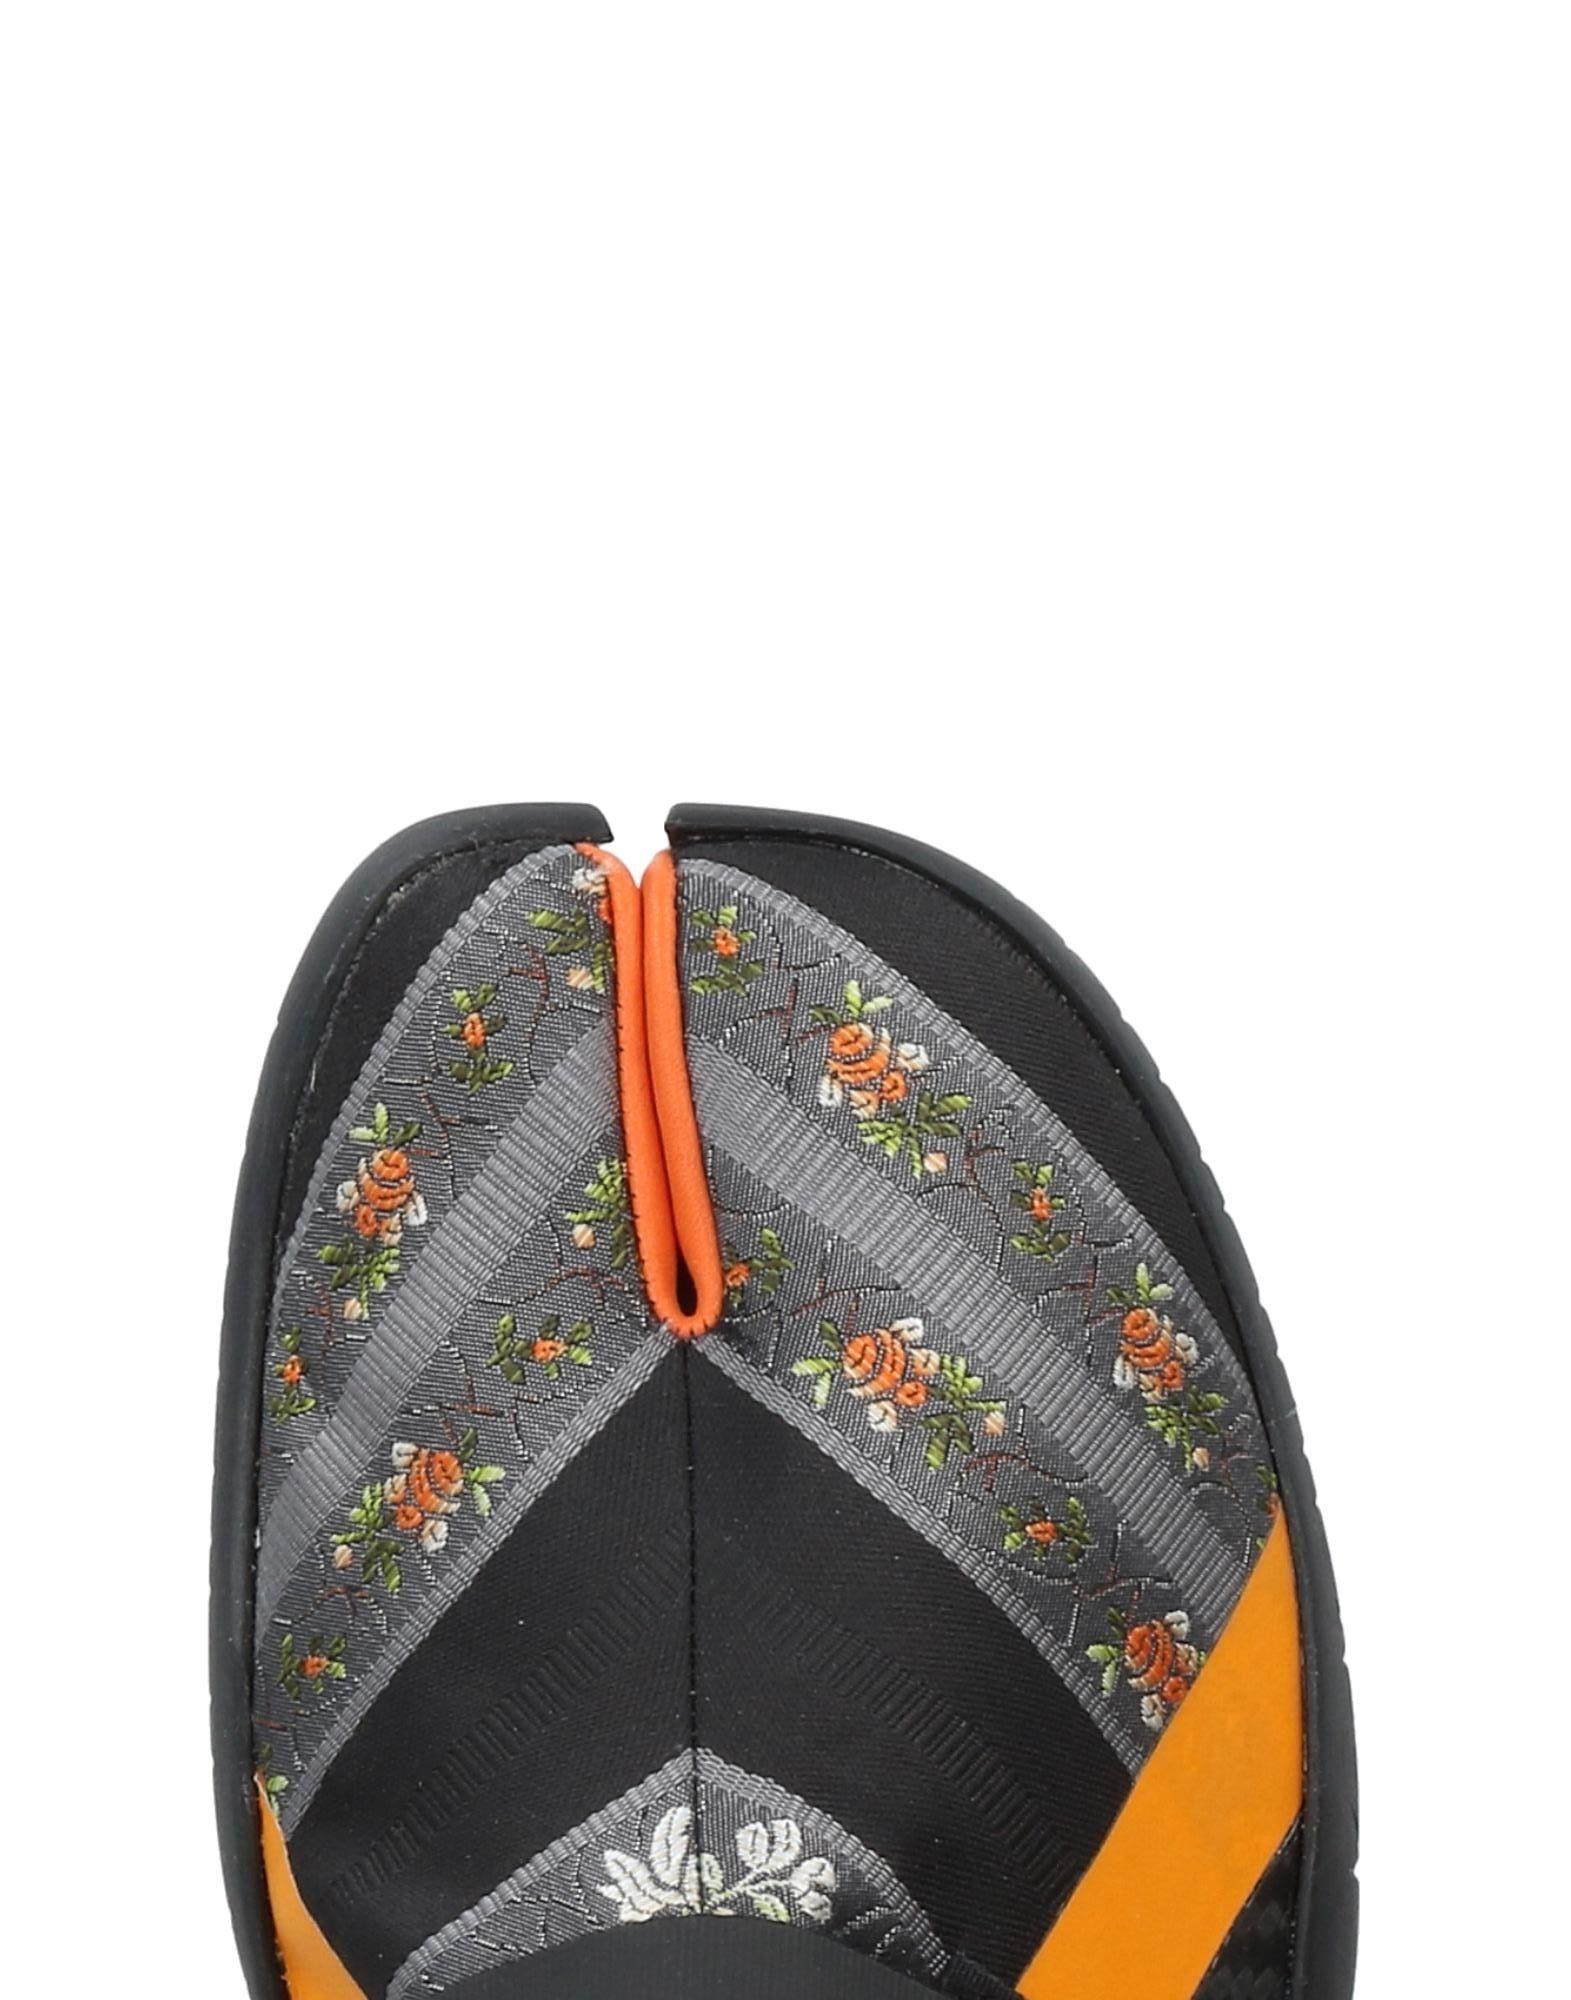 Maison Margiela Neue Sneakers Damen  11427333MB Neue Margiela Schuhe 86fcf5